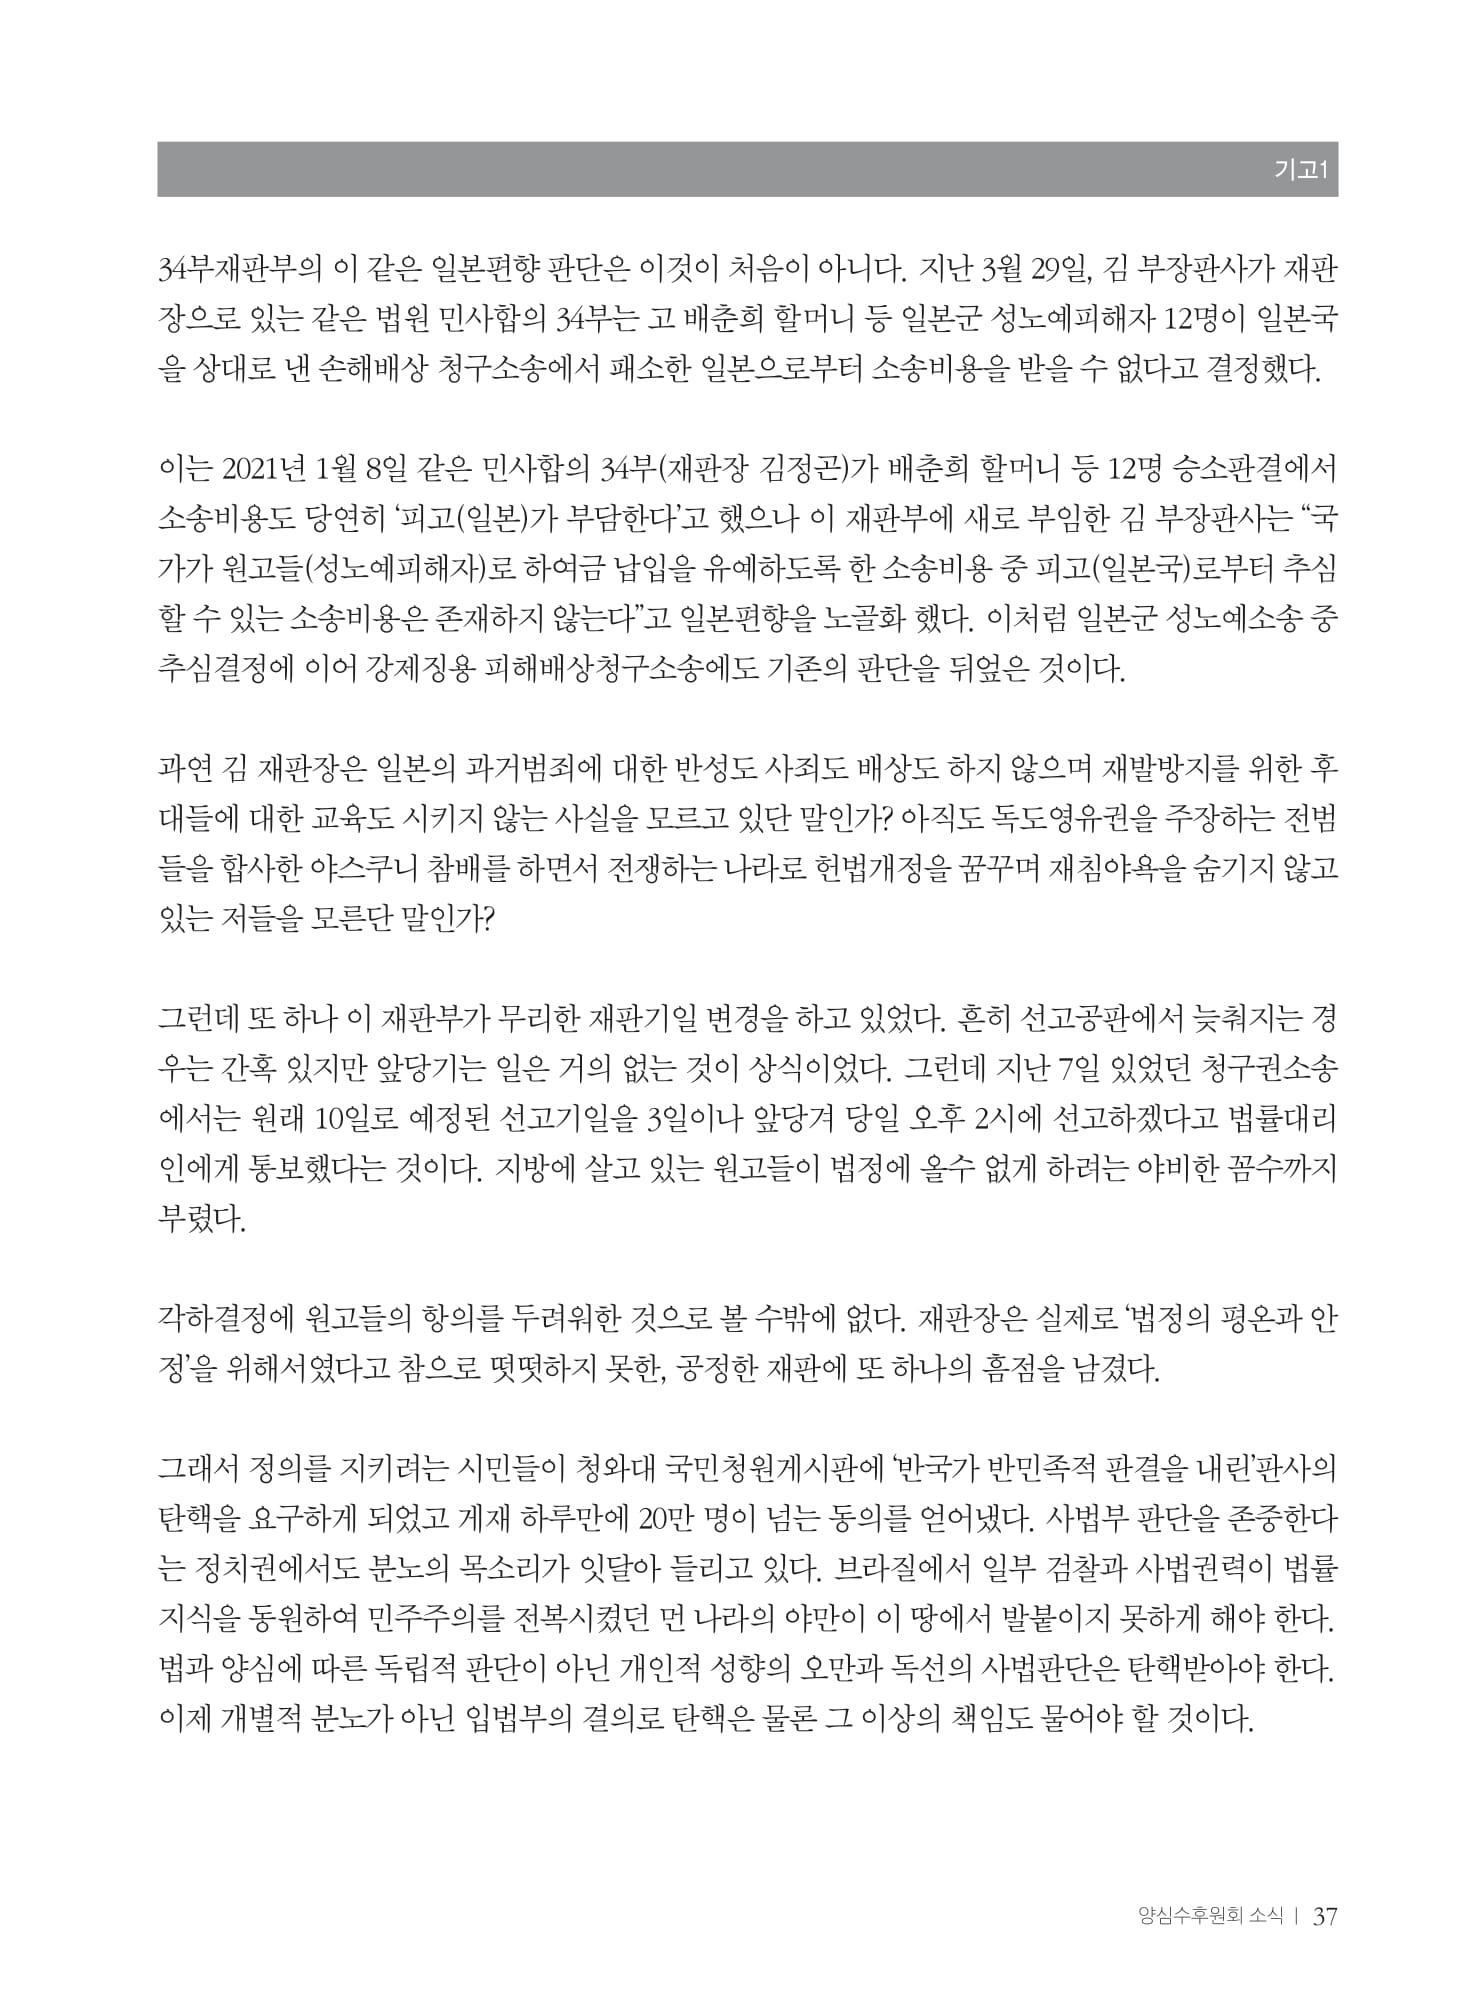 [양심수후원회] 소식지 354호 web 수정-39.jpg